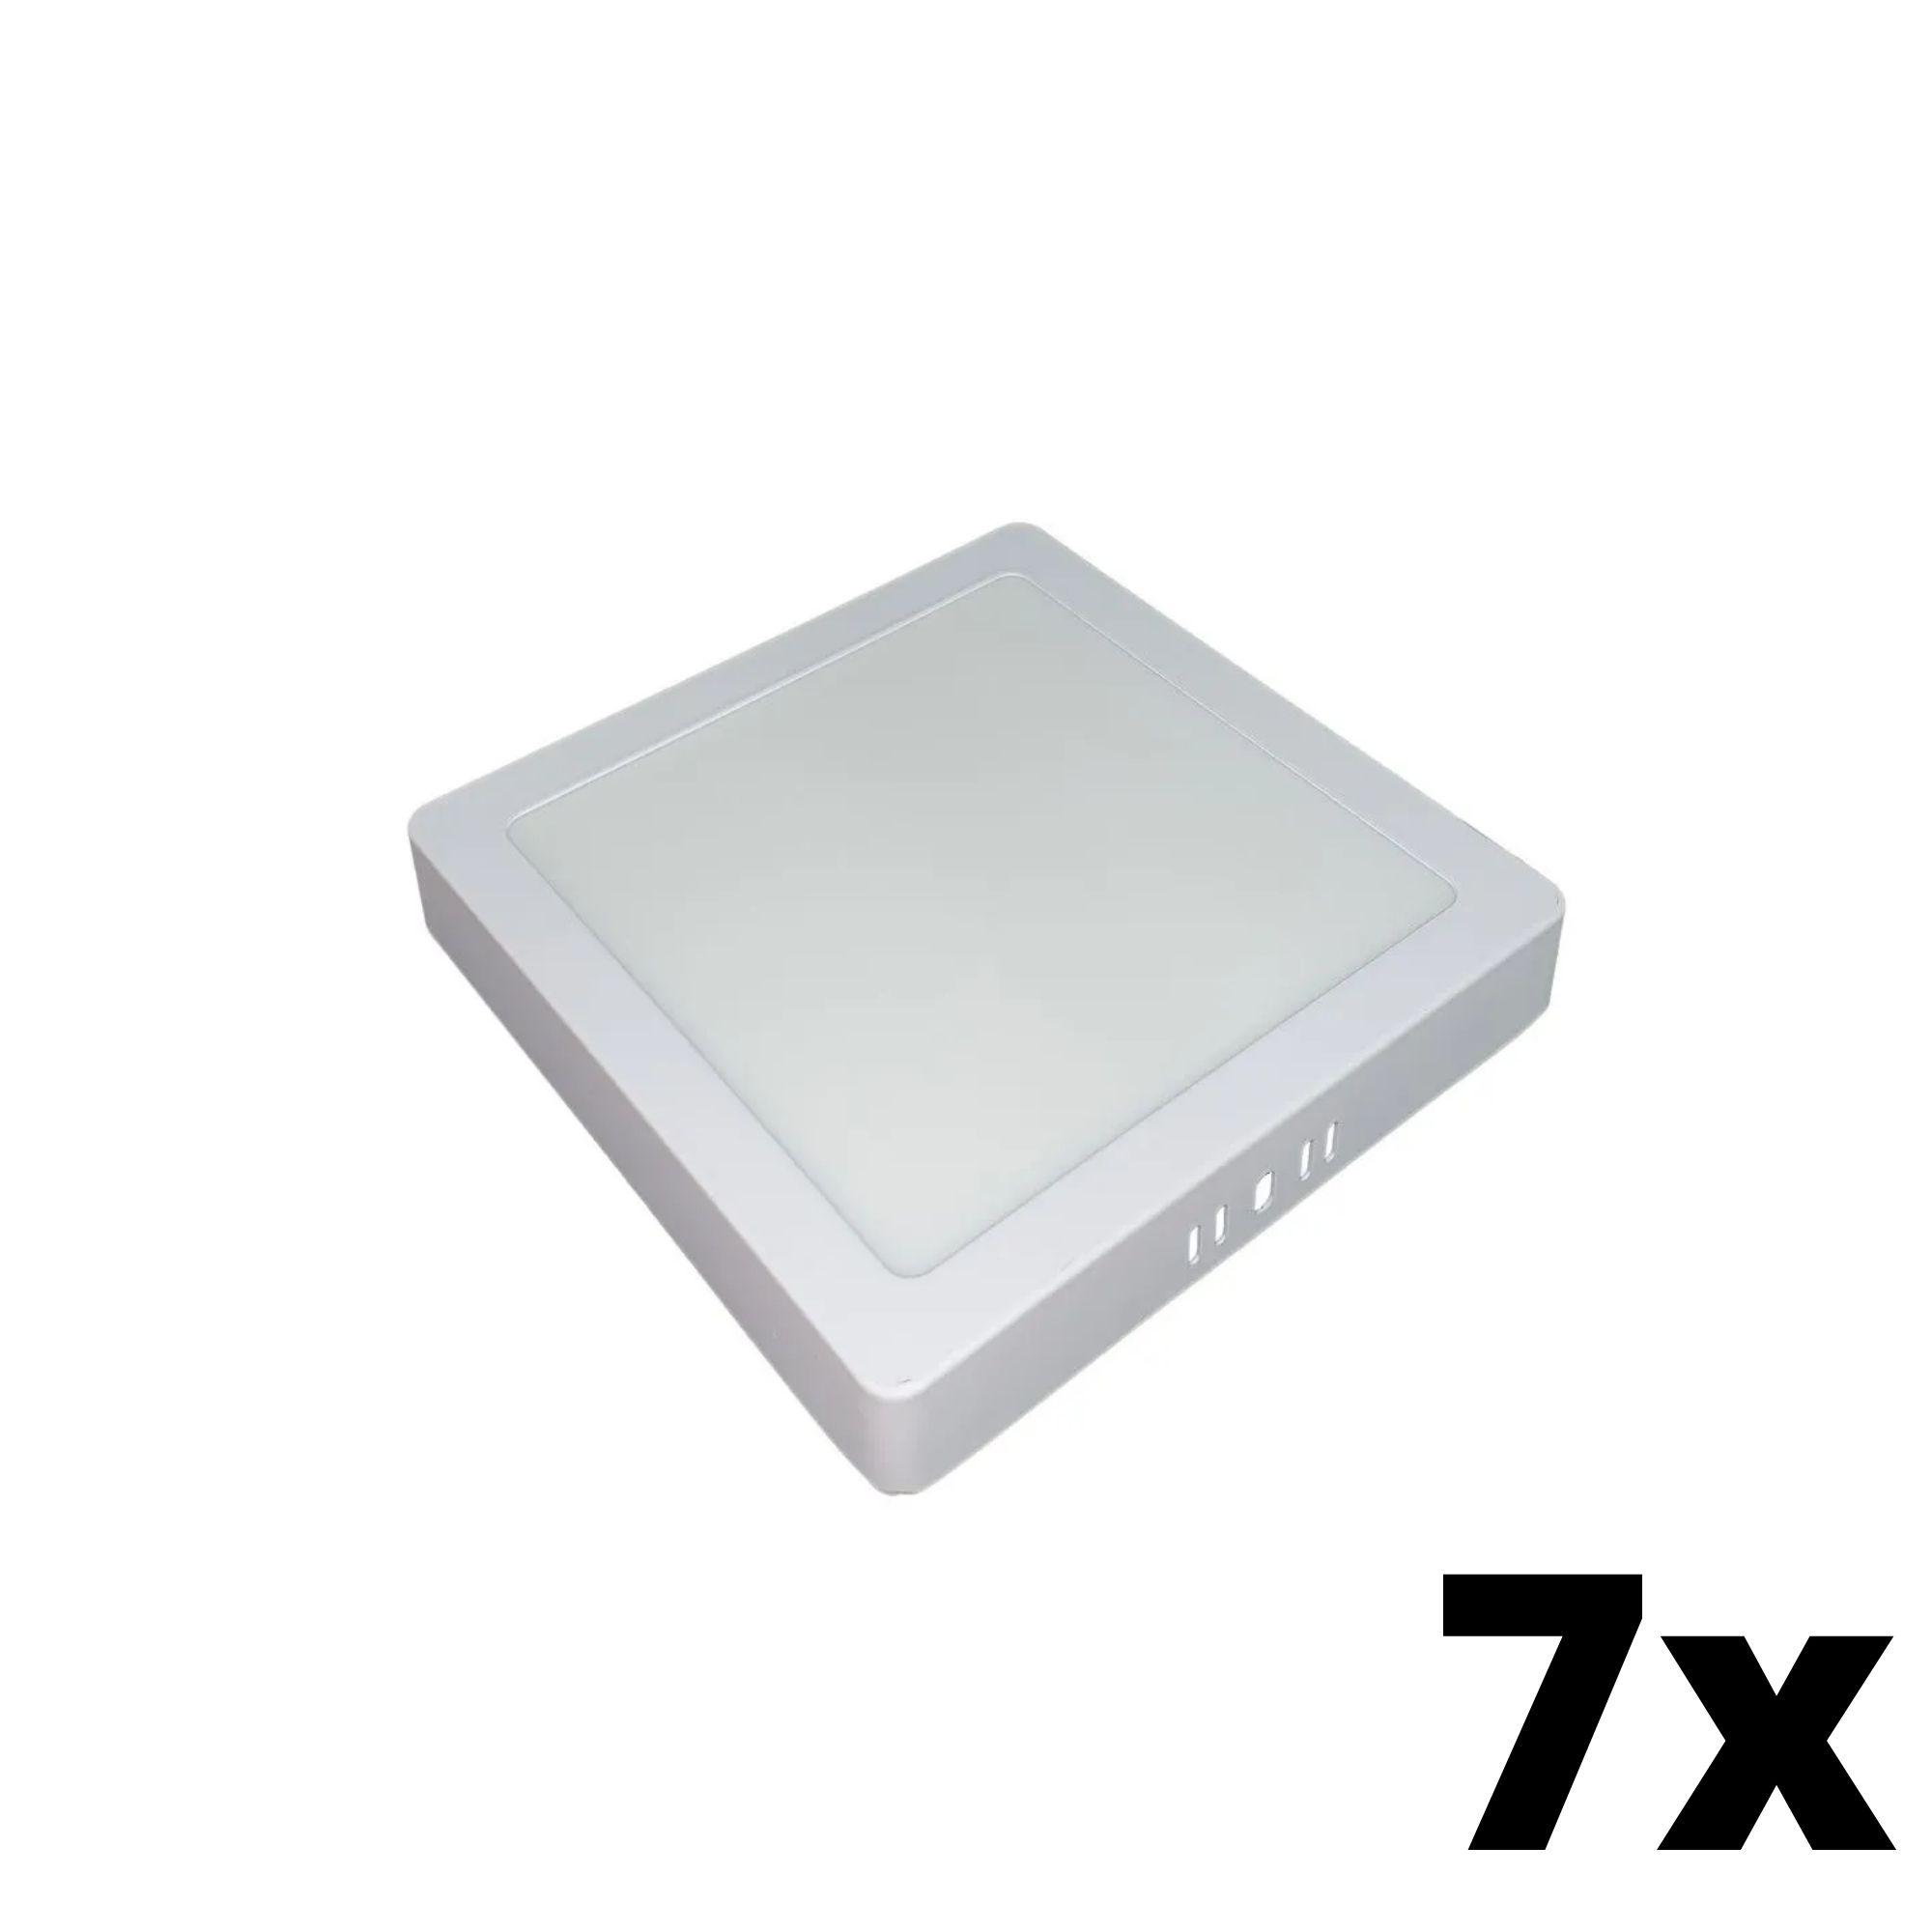 Kit 7 und Painel de Led Sobrepor 18w Quadrado 6500k